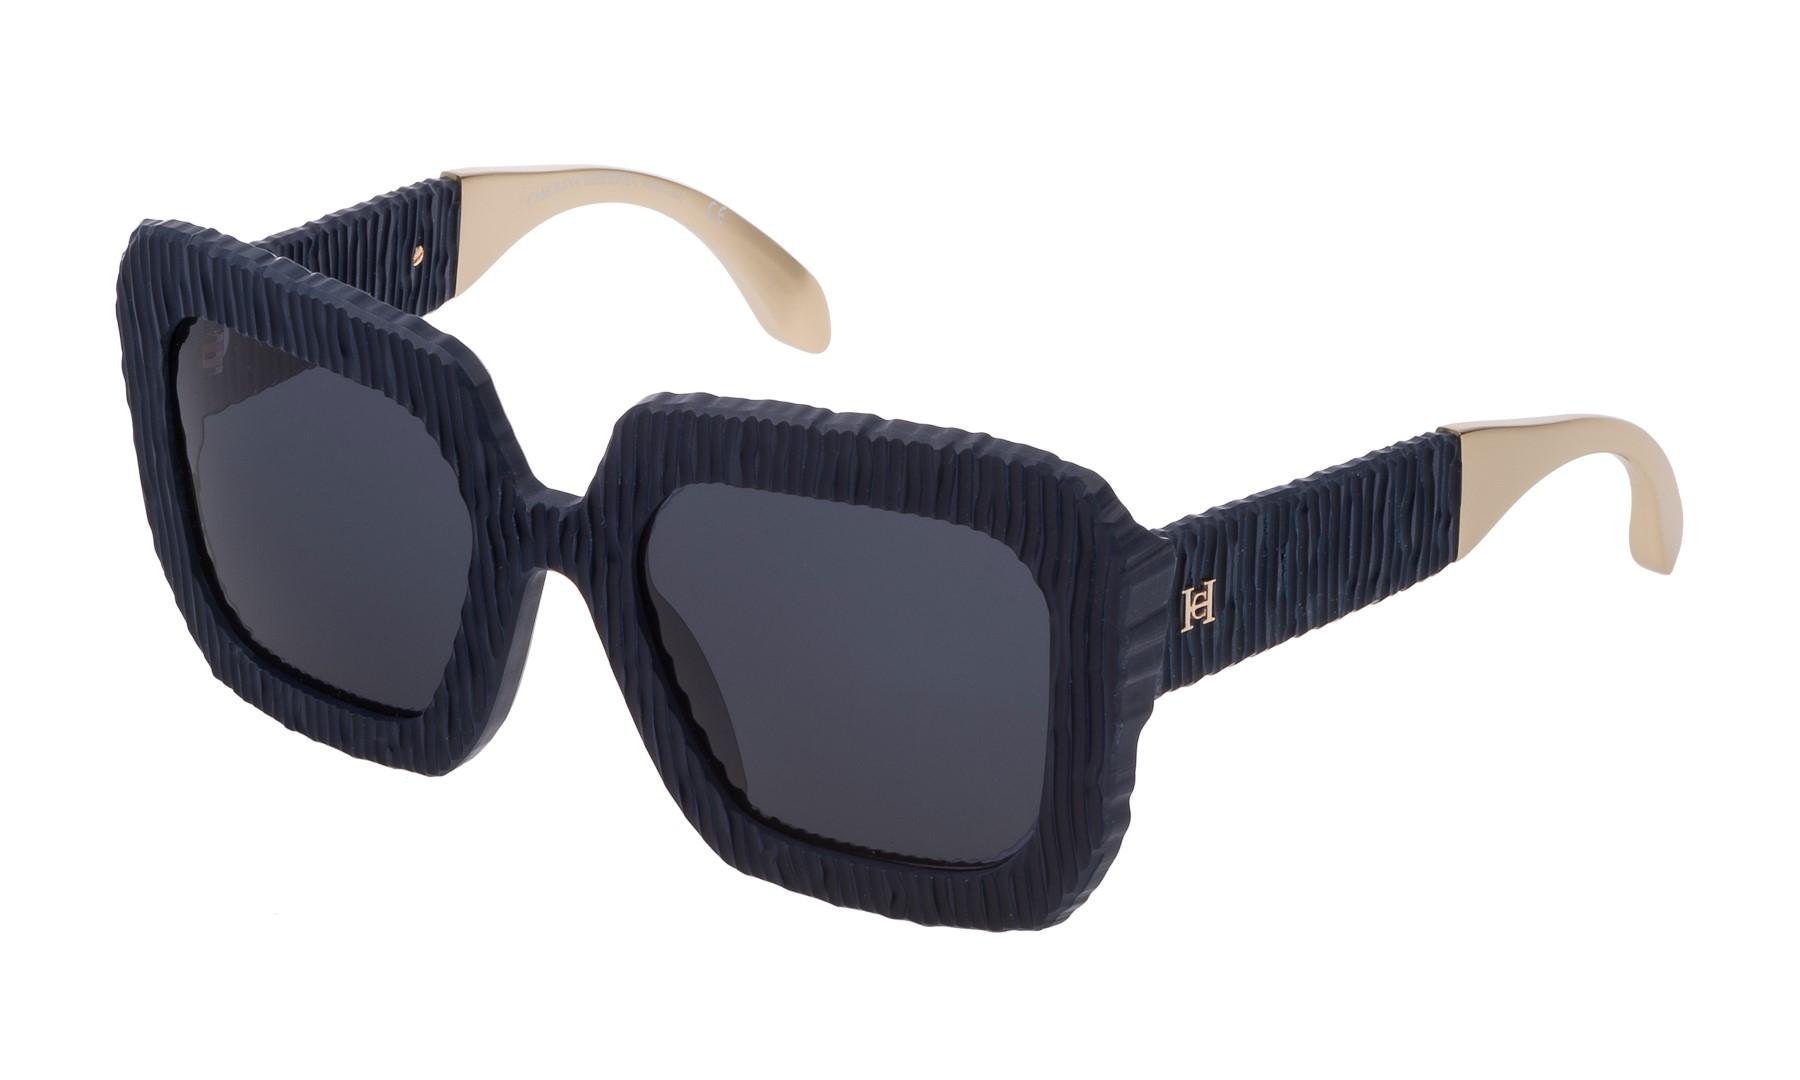 outlet 00ff2 32b2b Moda occhiali da sole 2019   modelli   Blumarine   Furla ...